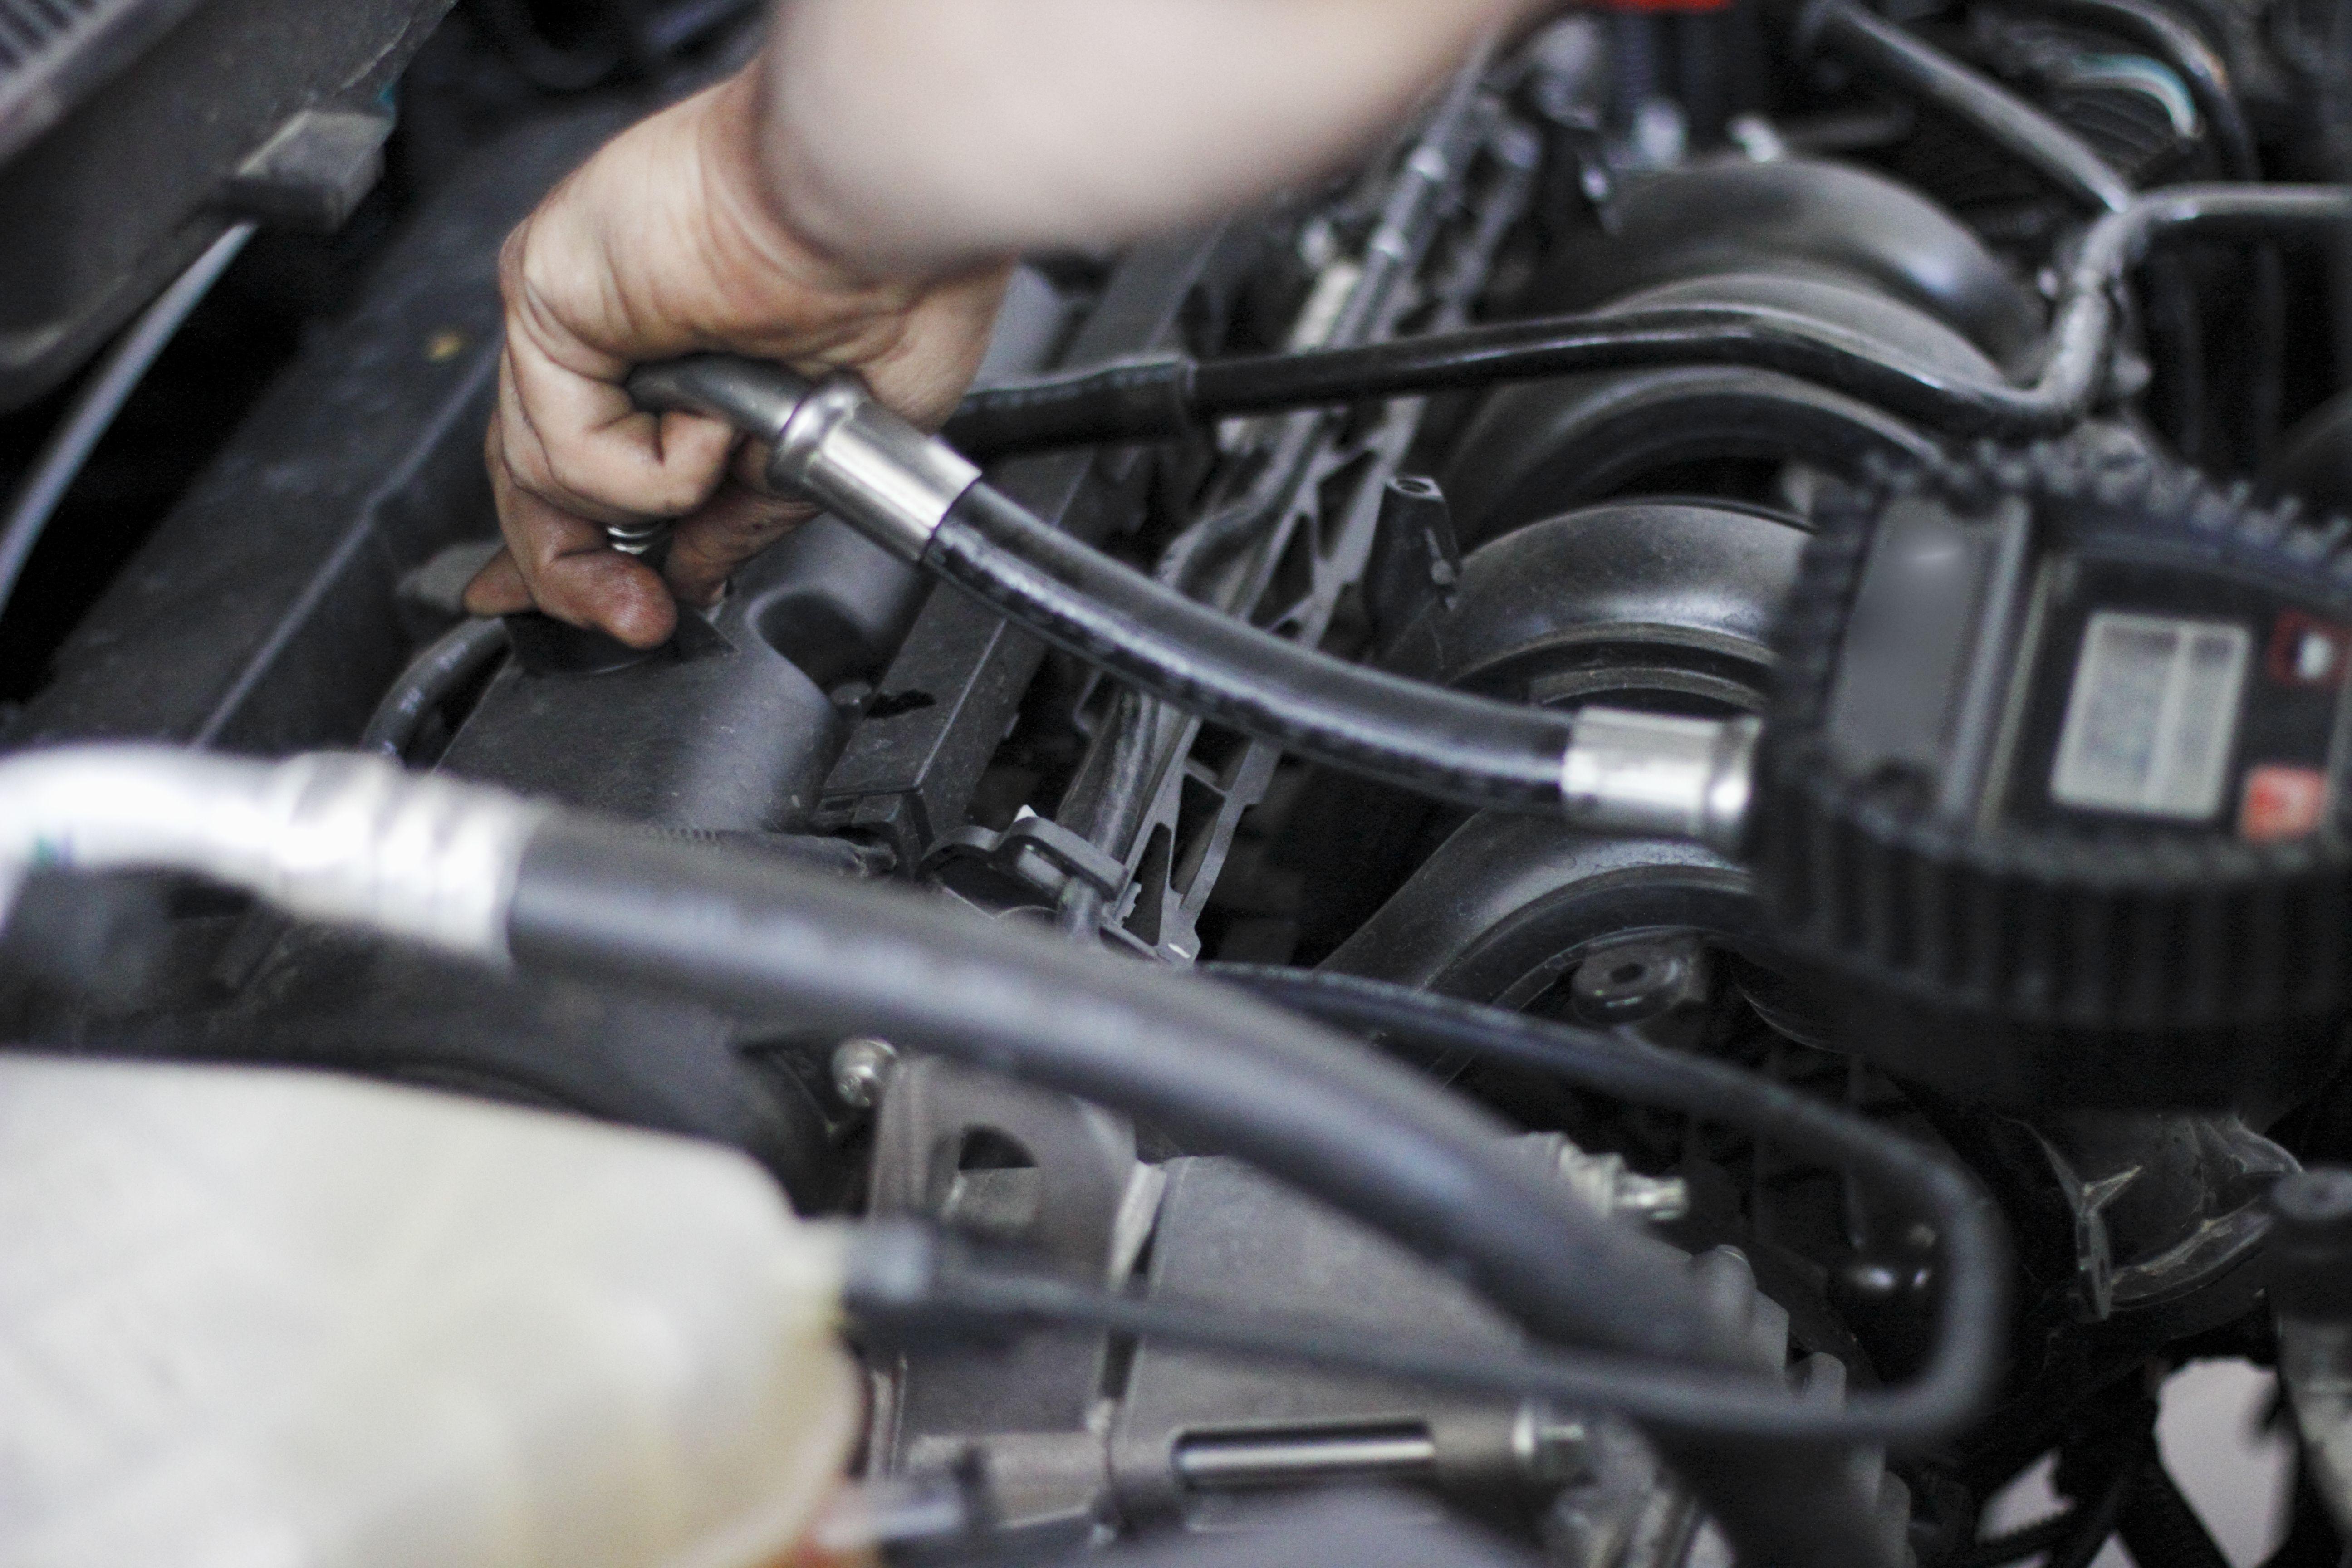 Descarbonización de motores: ¿Qué realizamos?  de Información